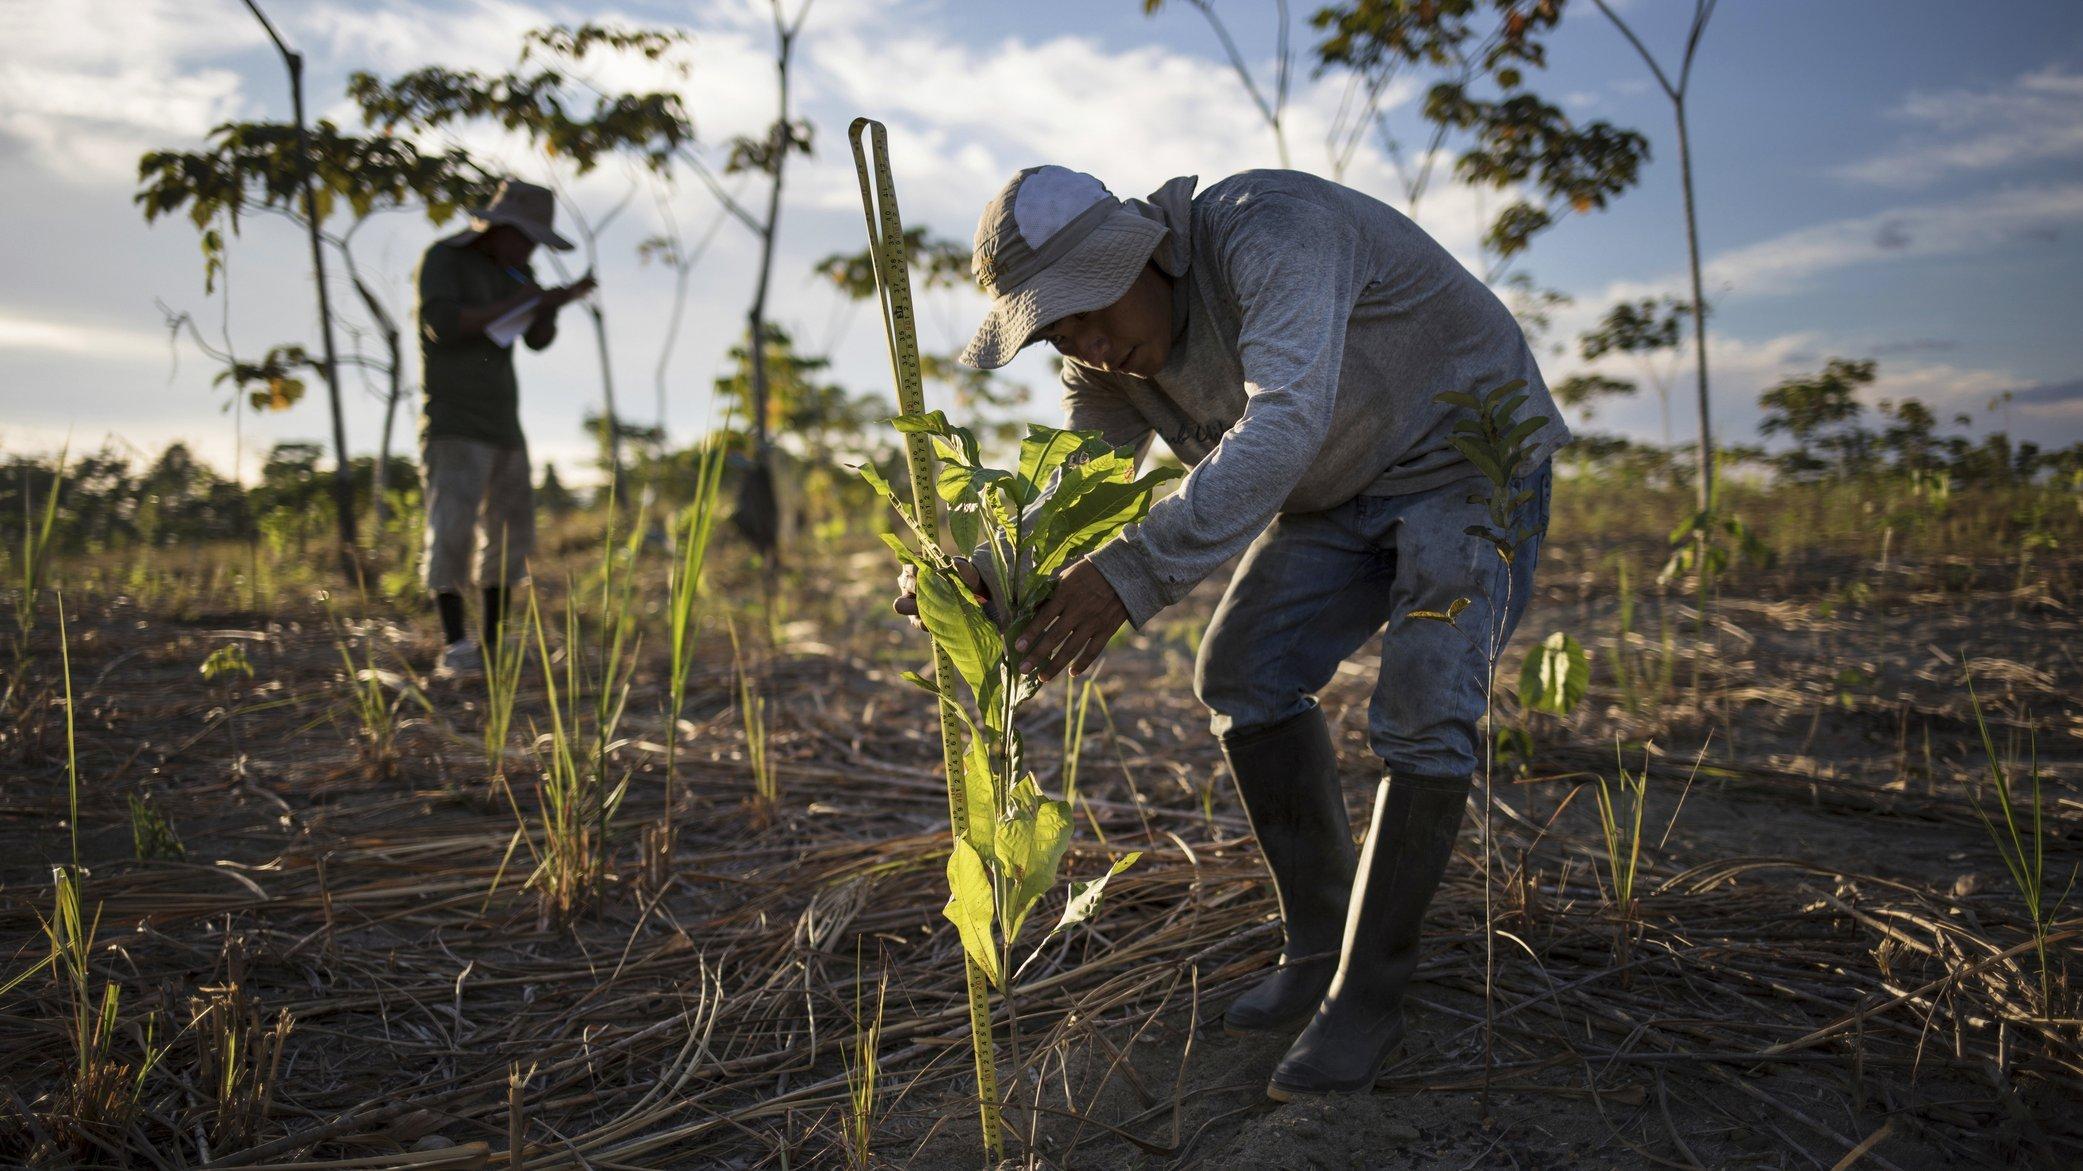 Ein Mann bückt sich, um die Größe eines frisch gepflanzten Baums zu messen.